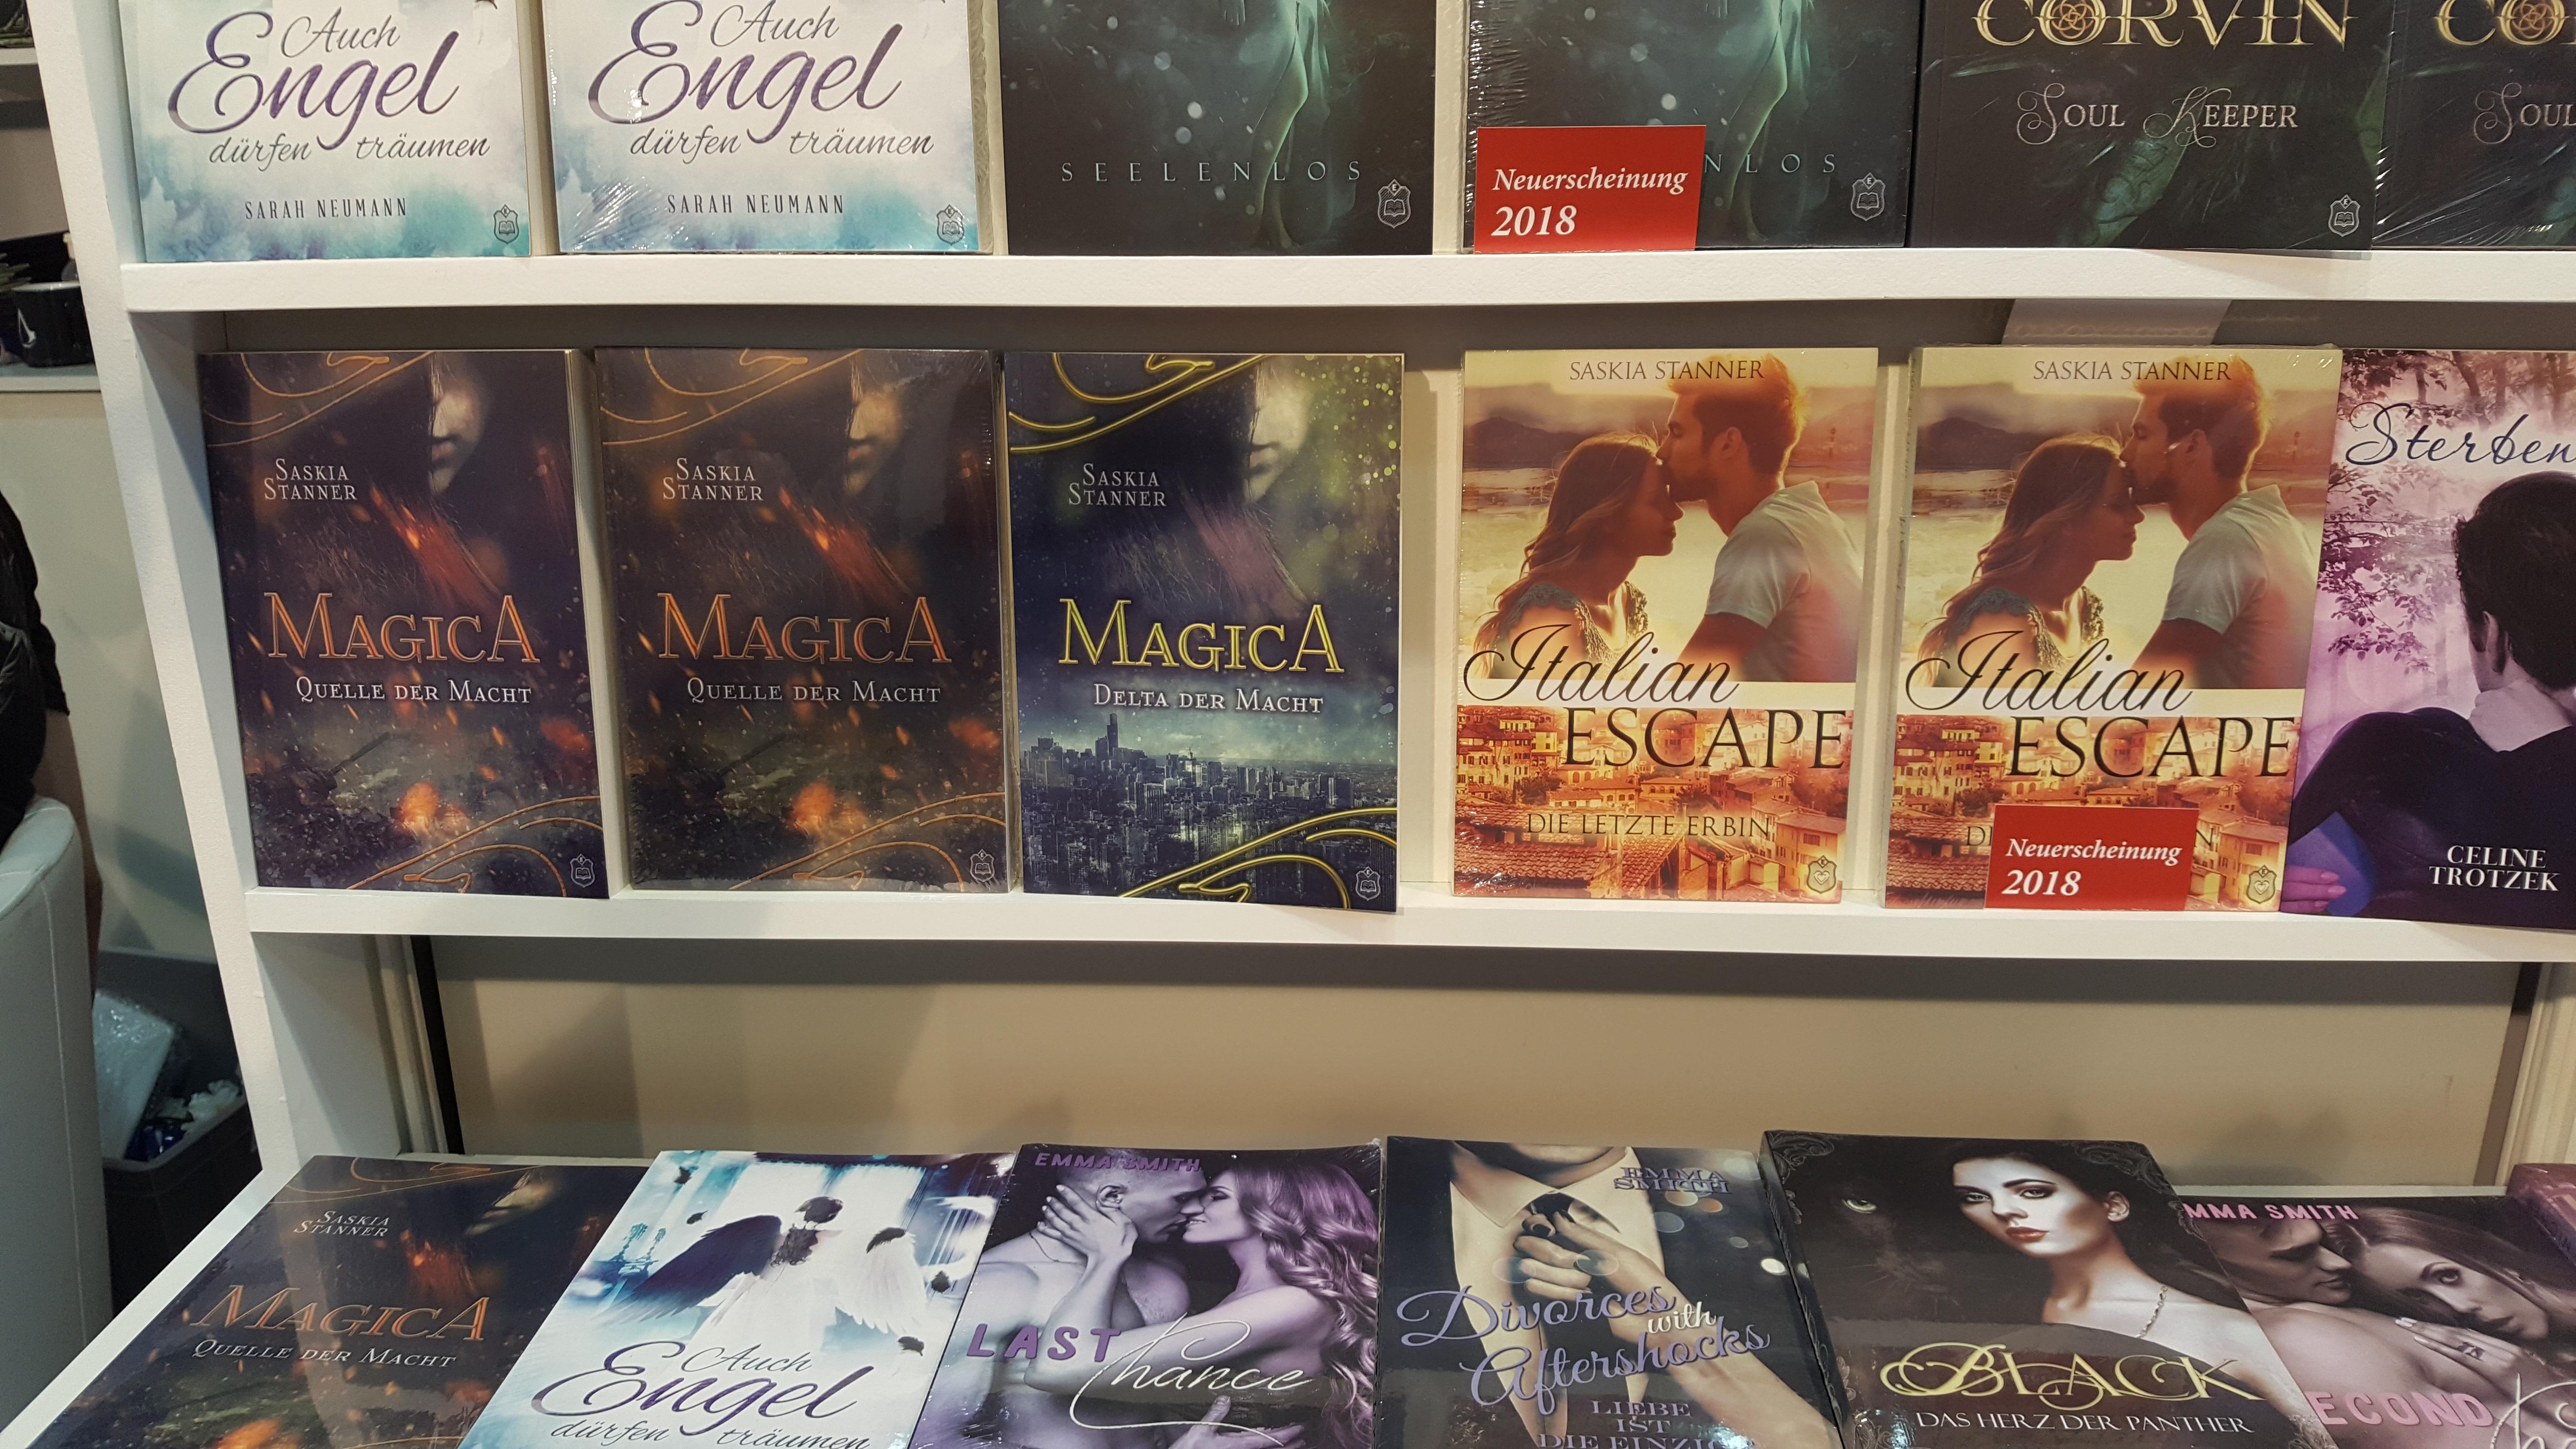 Leipziger Buchmesse 2018 – von kaputten Luftmatratzen, Schneechaos und Falkenliebe